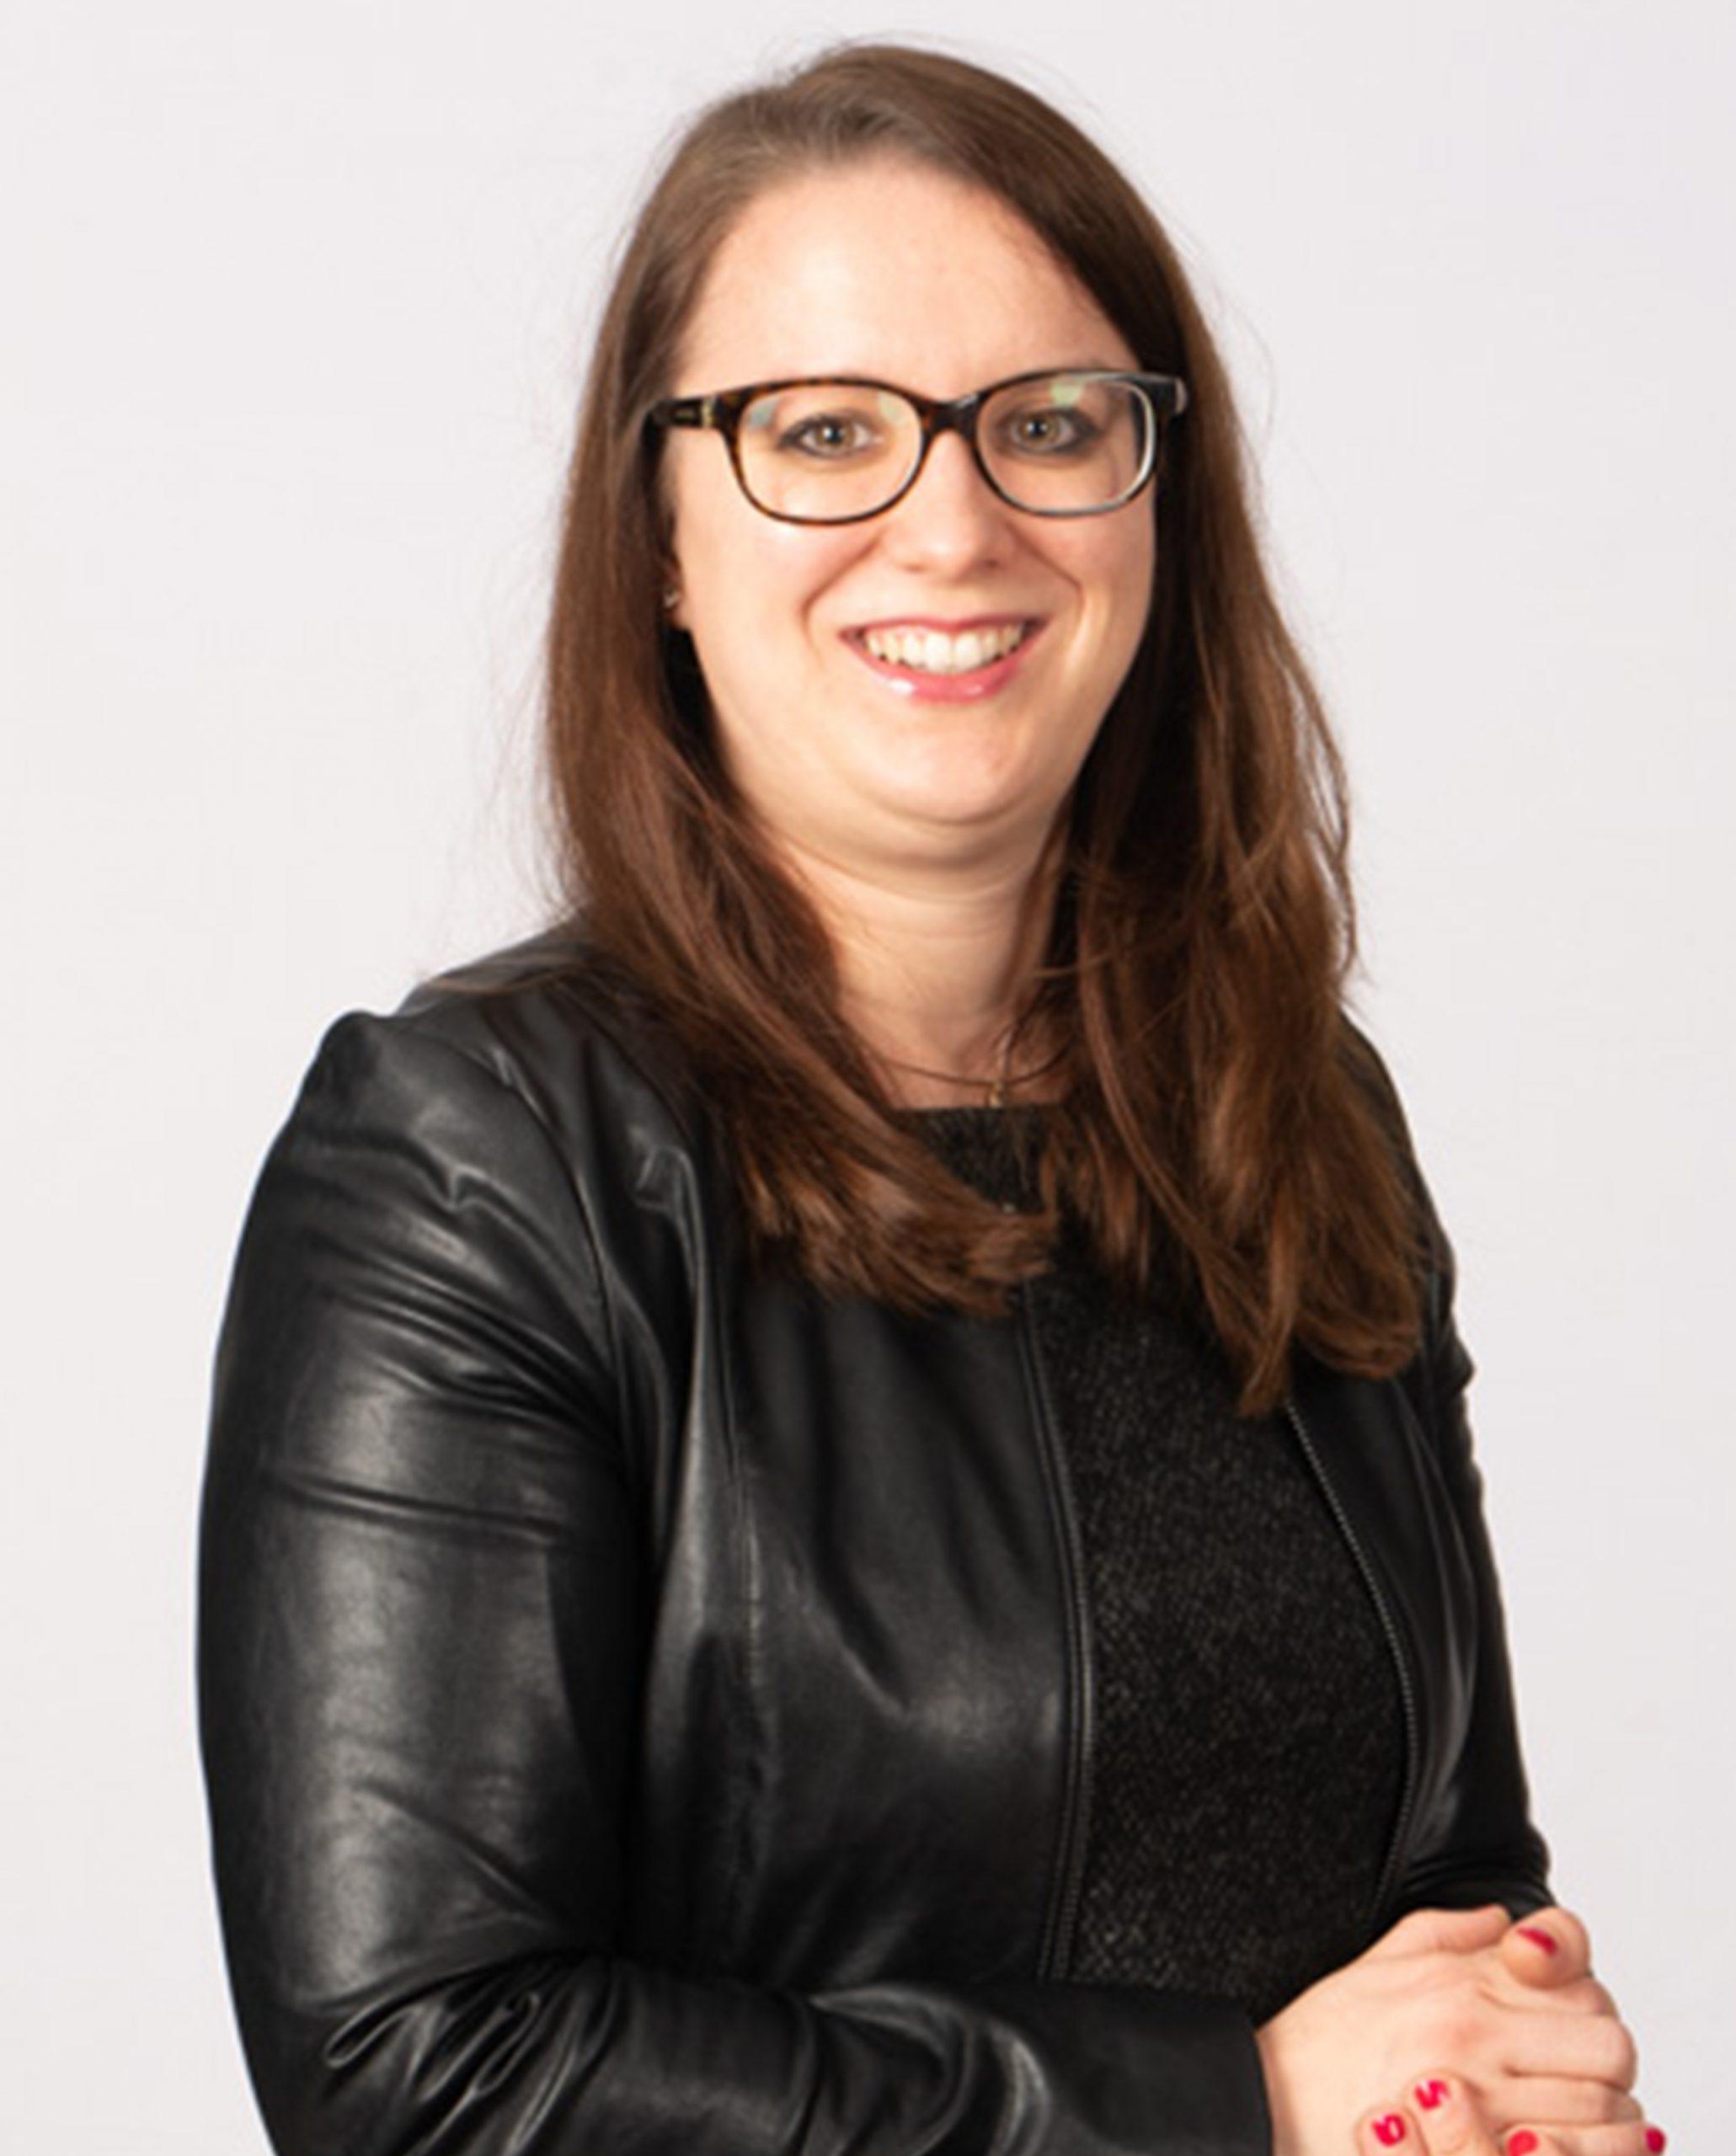 Verena Seunig